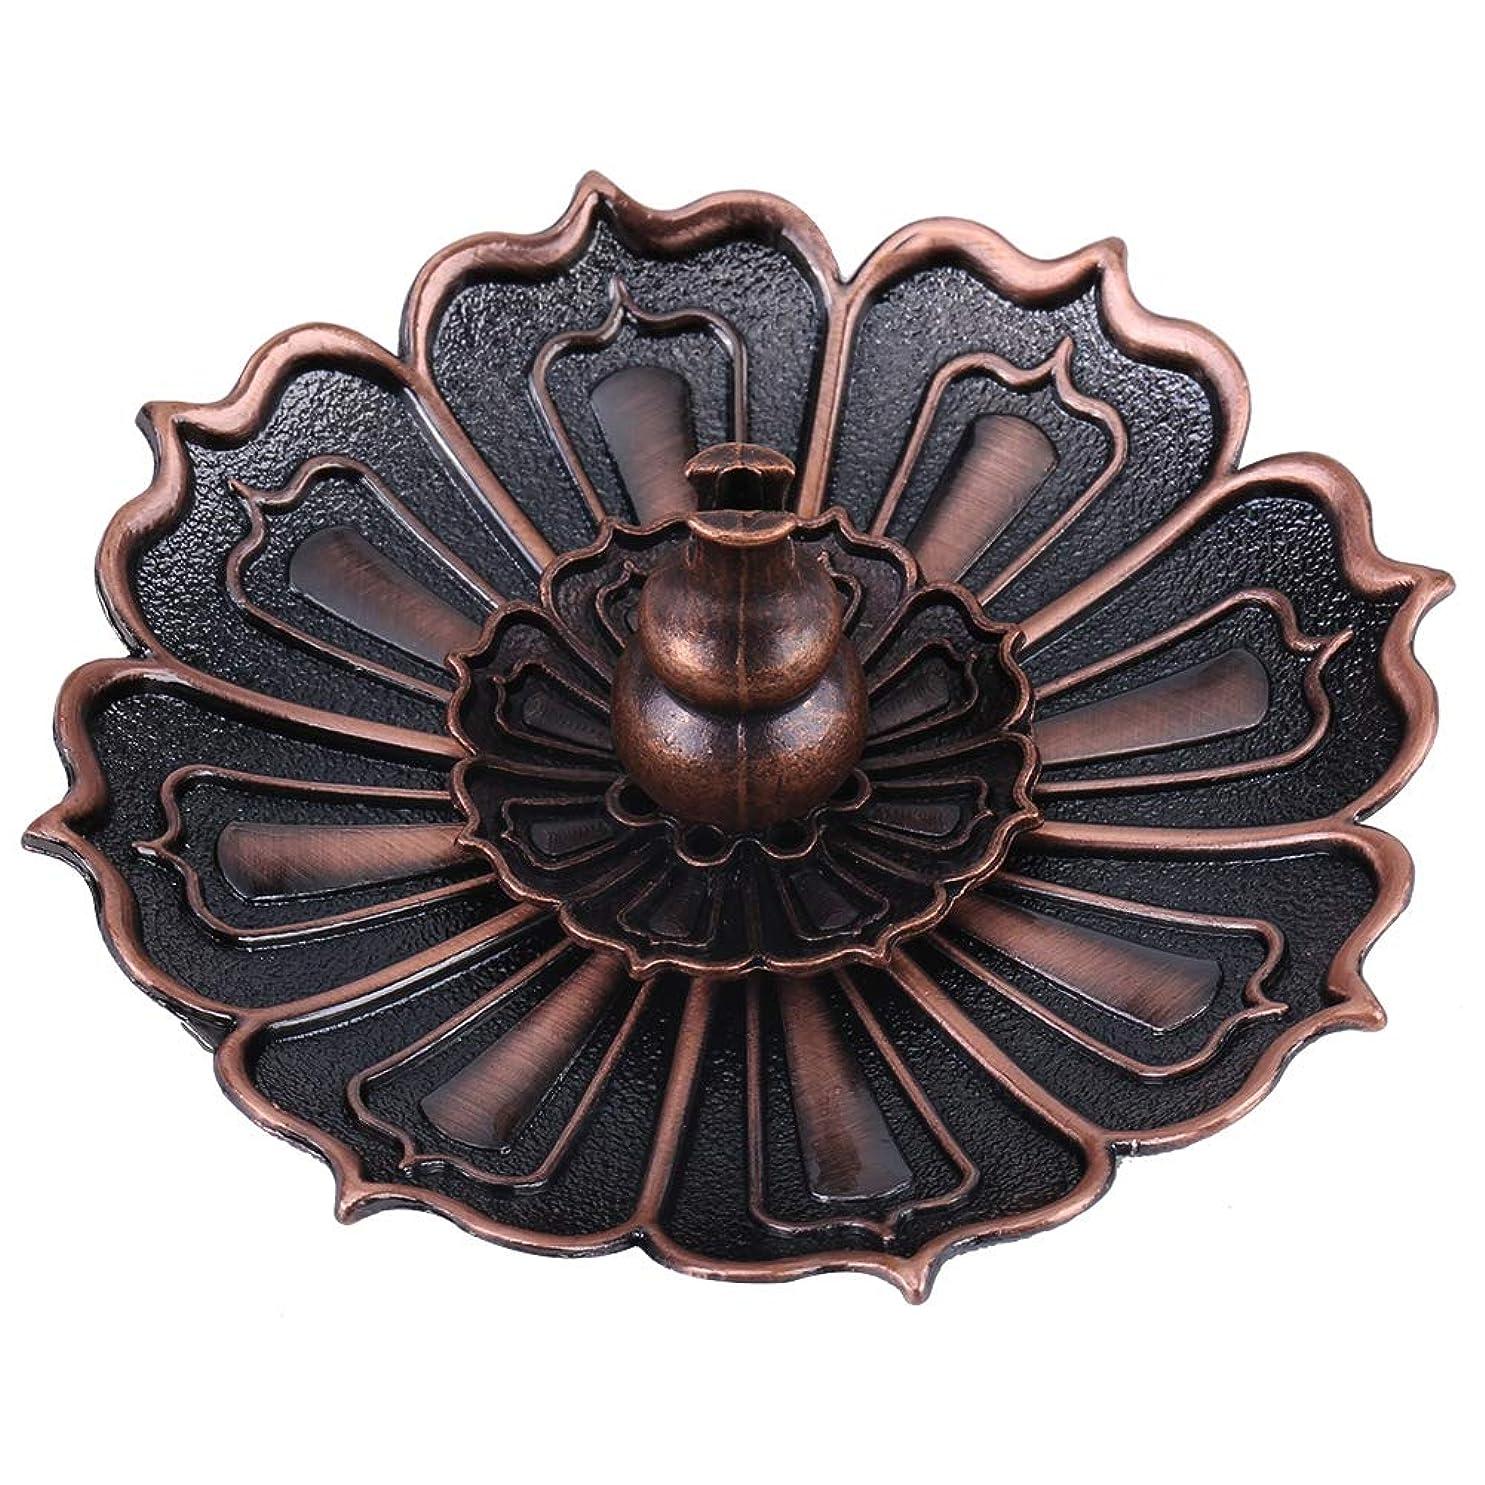 シェード好奇心外交蓮の花の形の香ホルダー - 線香炉 香立て お香用具 お線香用可 アロマ香炉9×3.5センチメートル